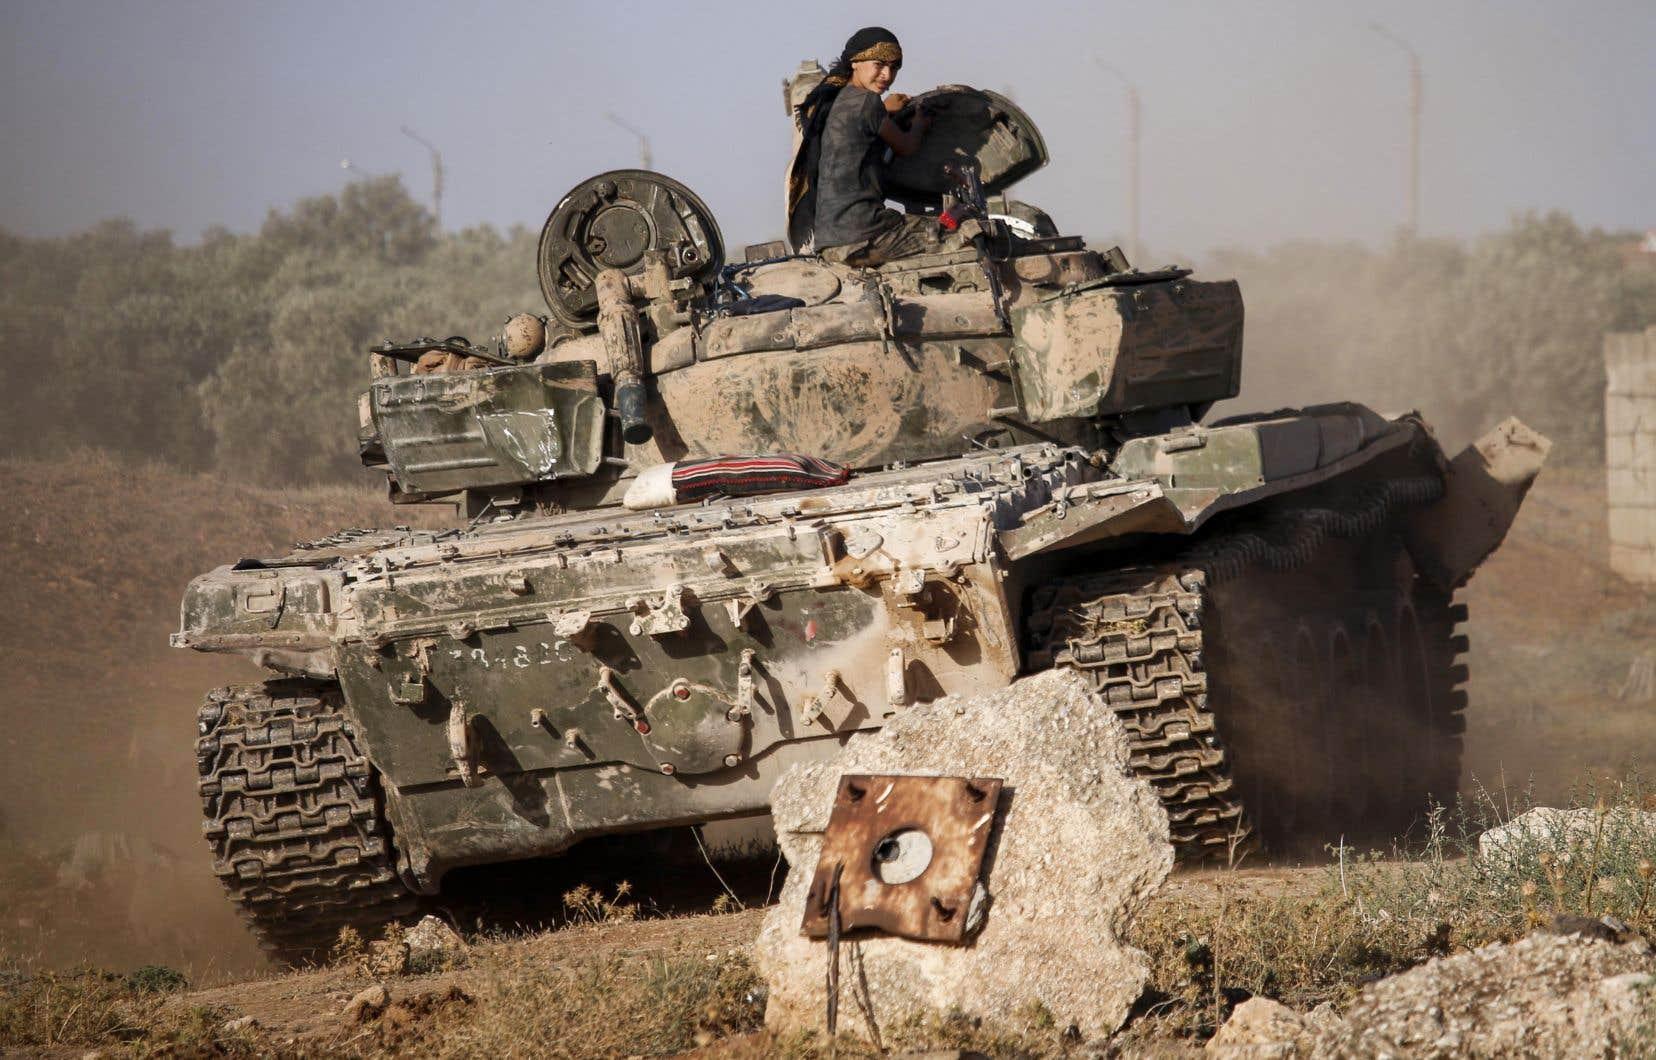 Tous les appels internationaux à l'arrêt de l'offensive syrienne dans le sud-ouest du pays sont restés vains jusqu'à présent.